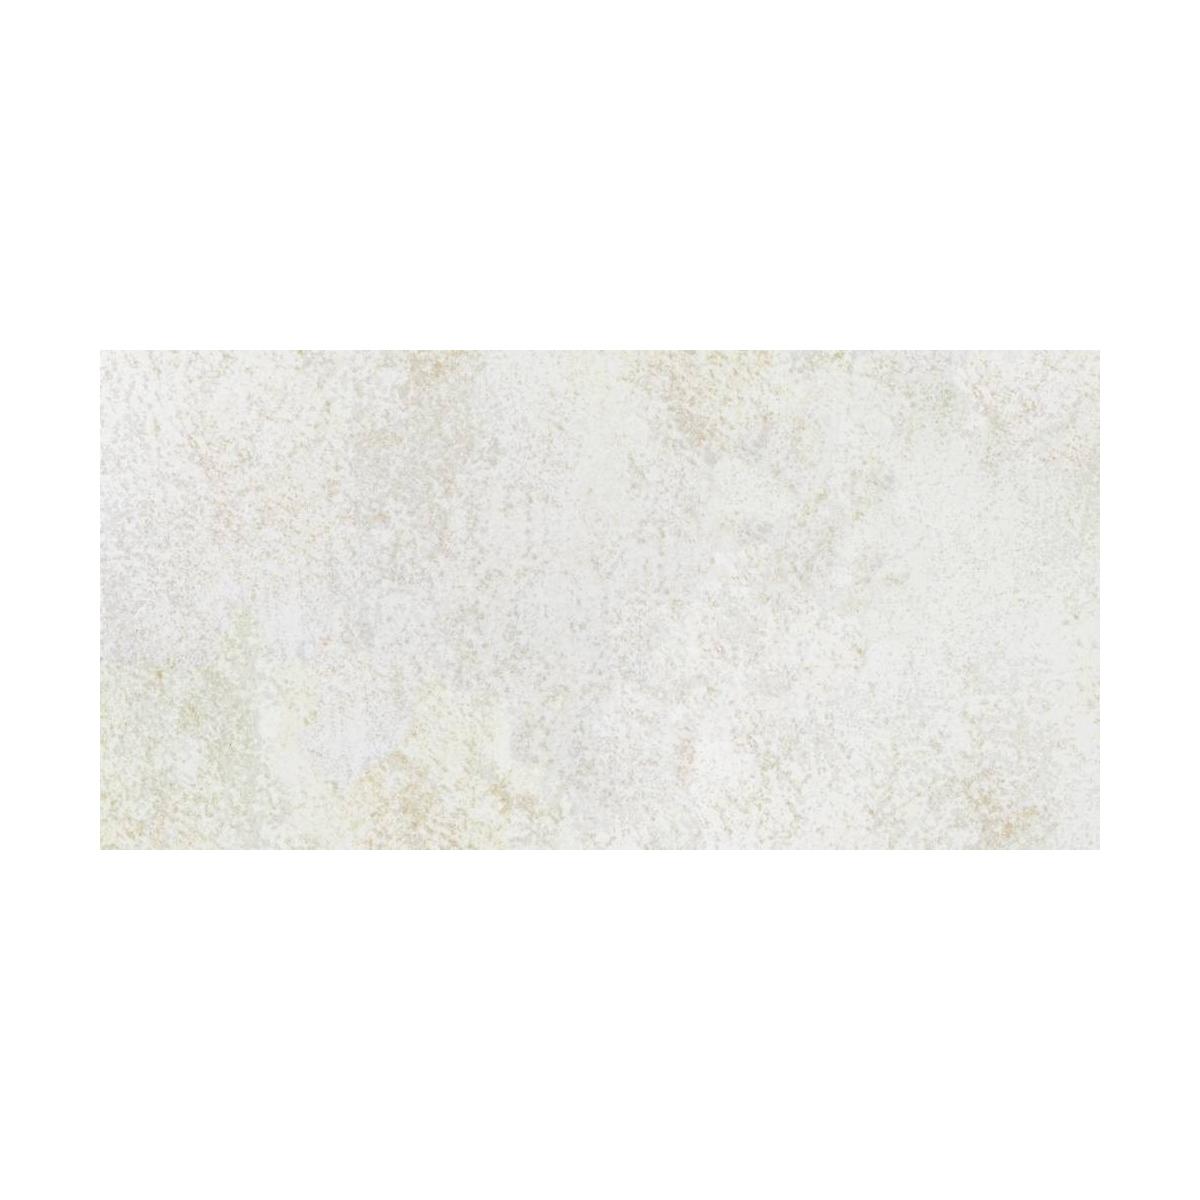 Suelo y azulejos Cronos Blanco imitación óxido al mejor precio